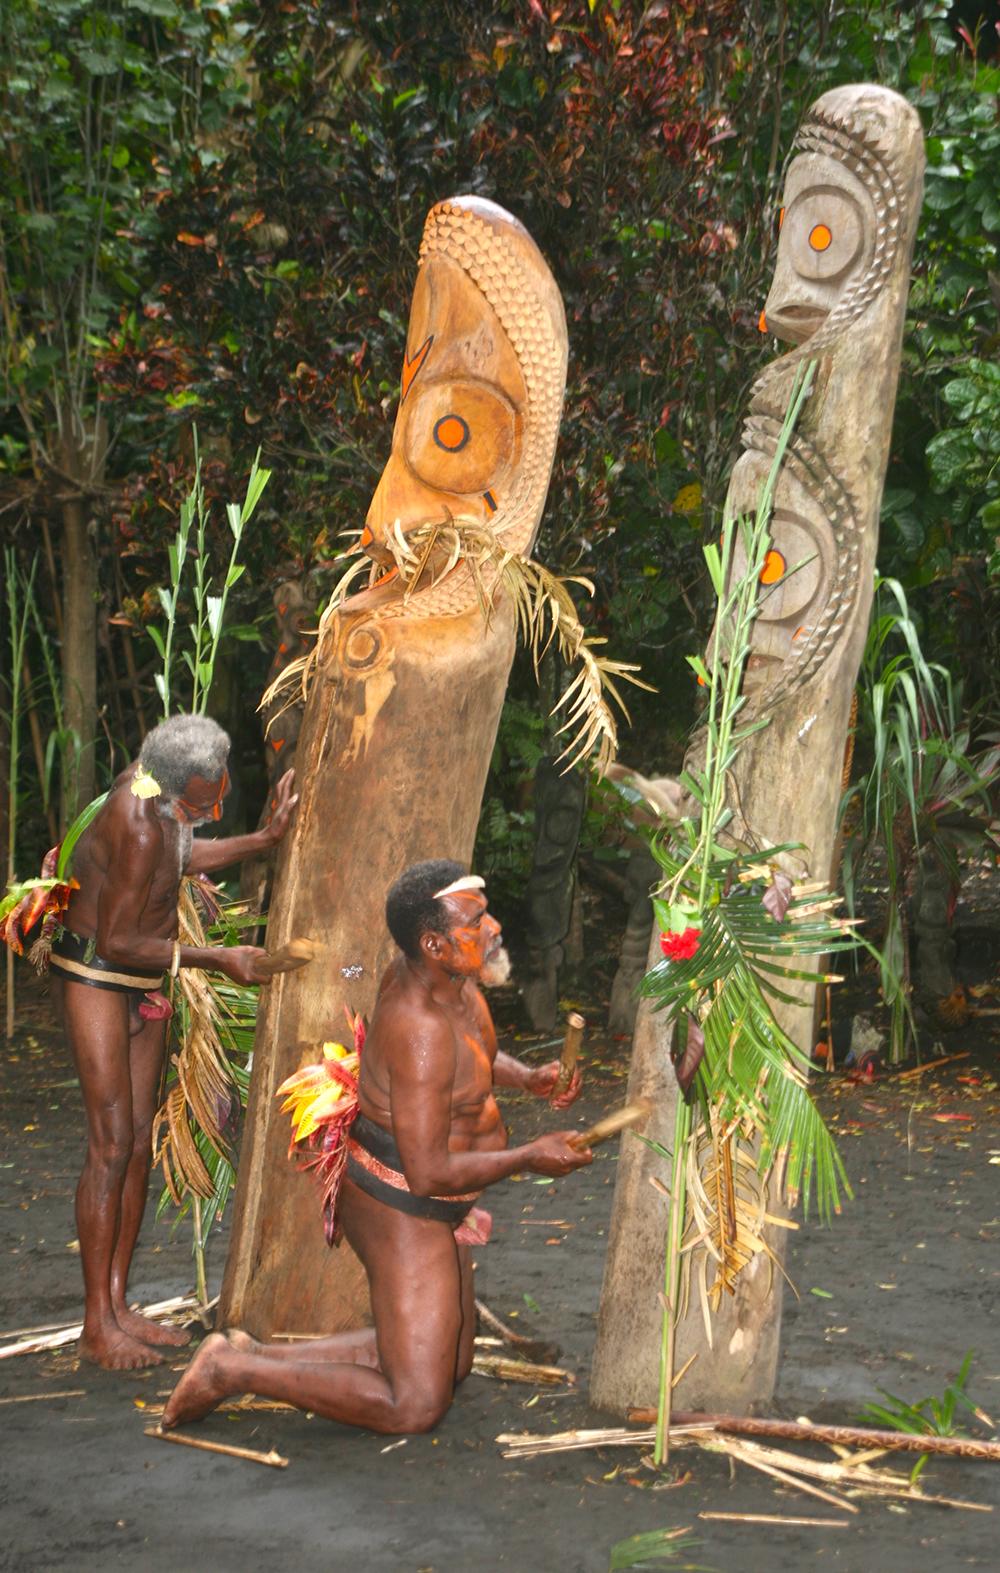 """Les tambours sont souvent plantés au cœur des villages, mais on en trouve aussi en pleine forêt, installés là pour des raisons bien précises permettant à la population de communiquer, la """"5G"""" locale..."""